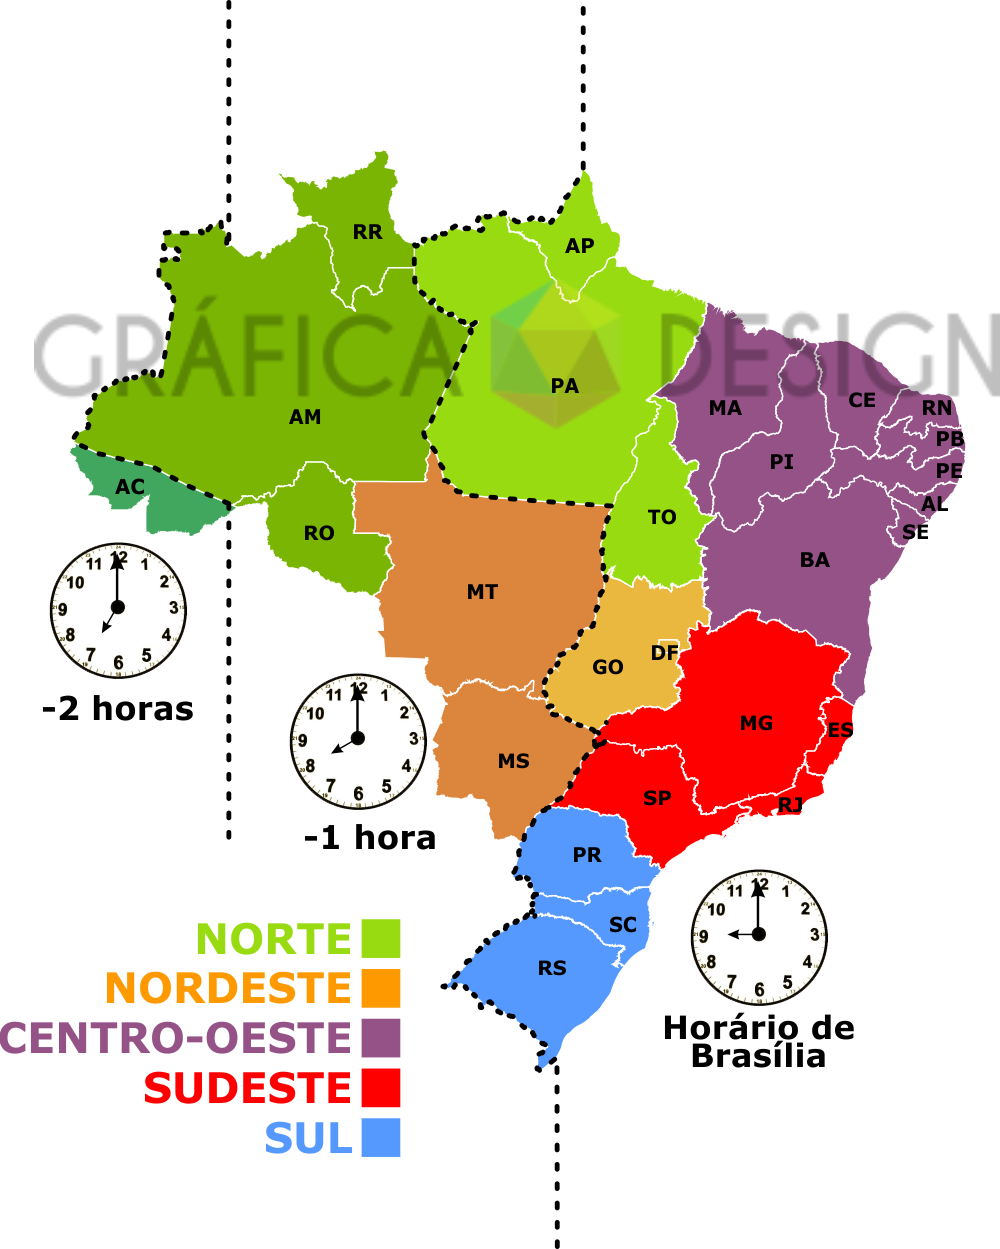 fotos de conas chats gratuitos em portugues